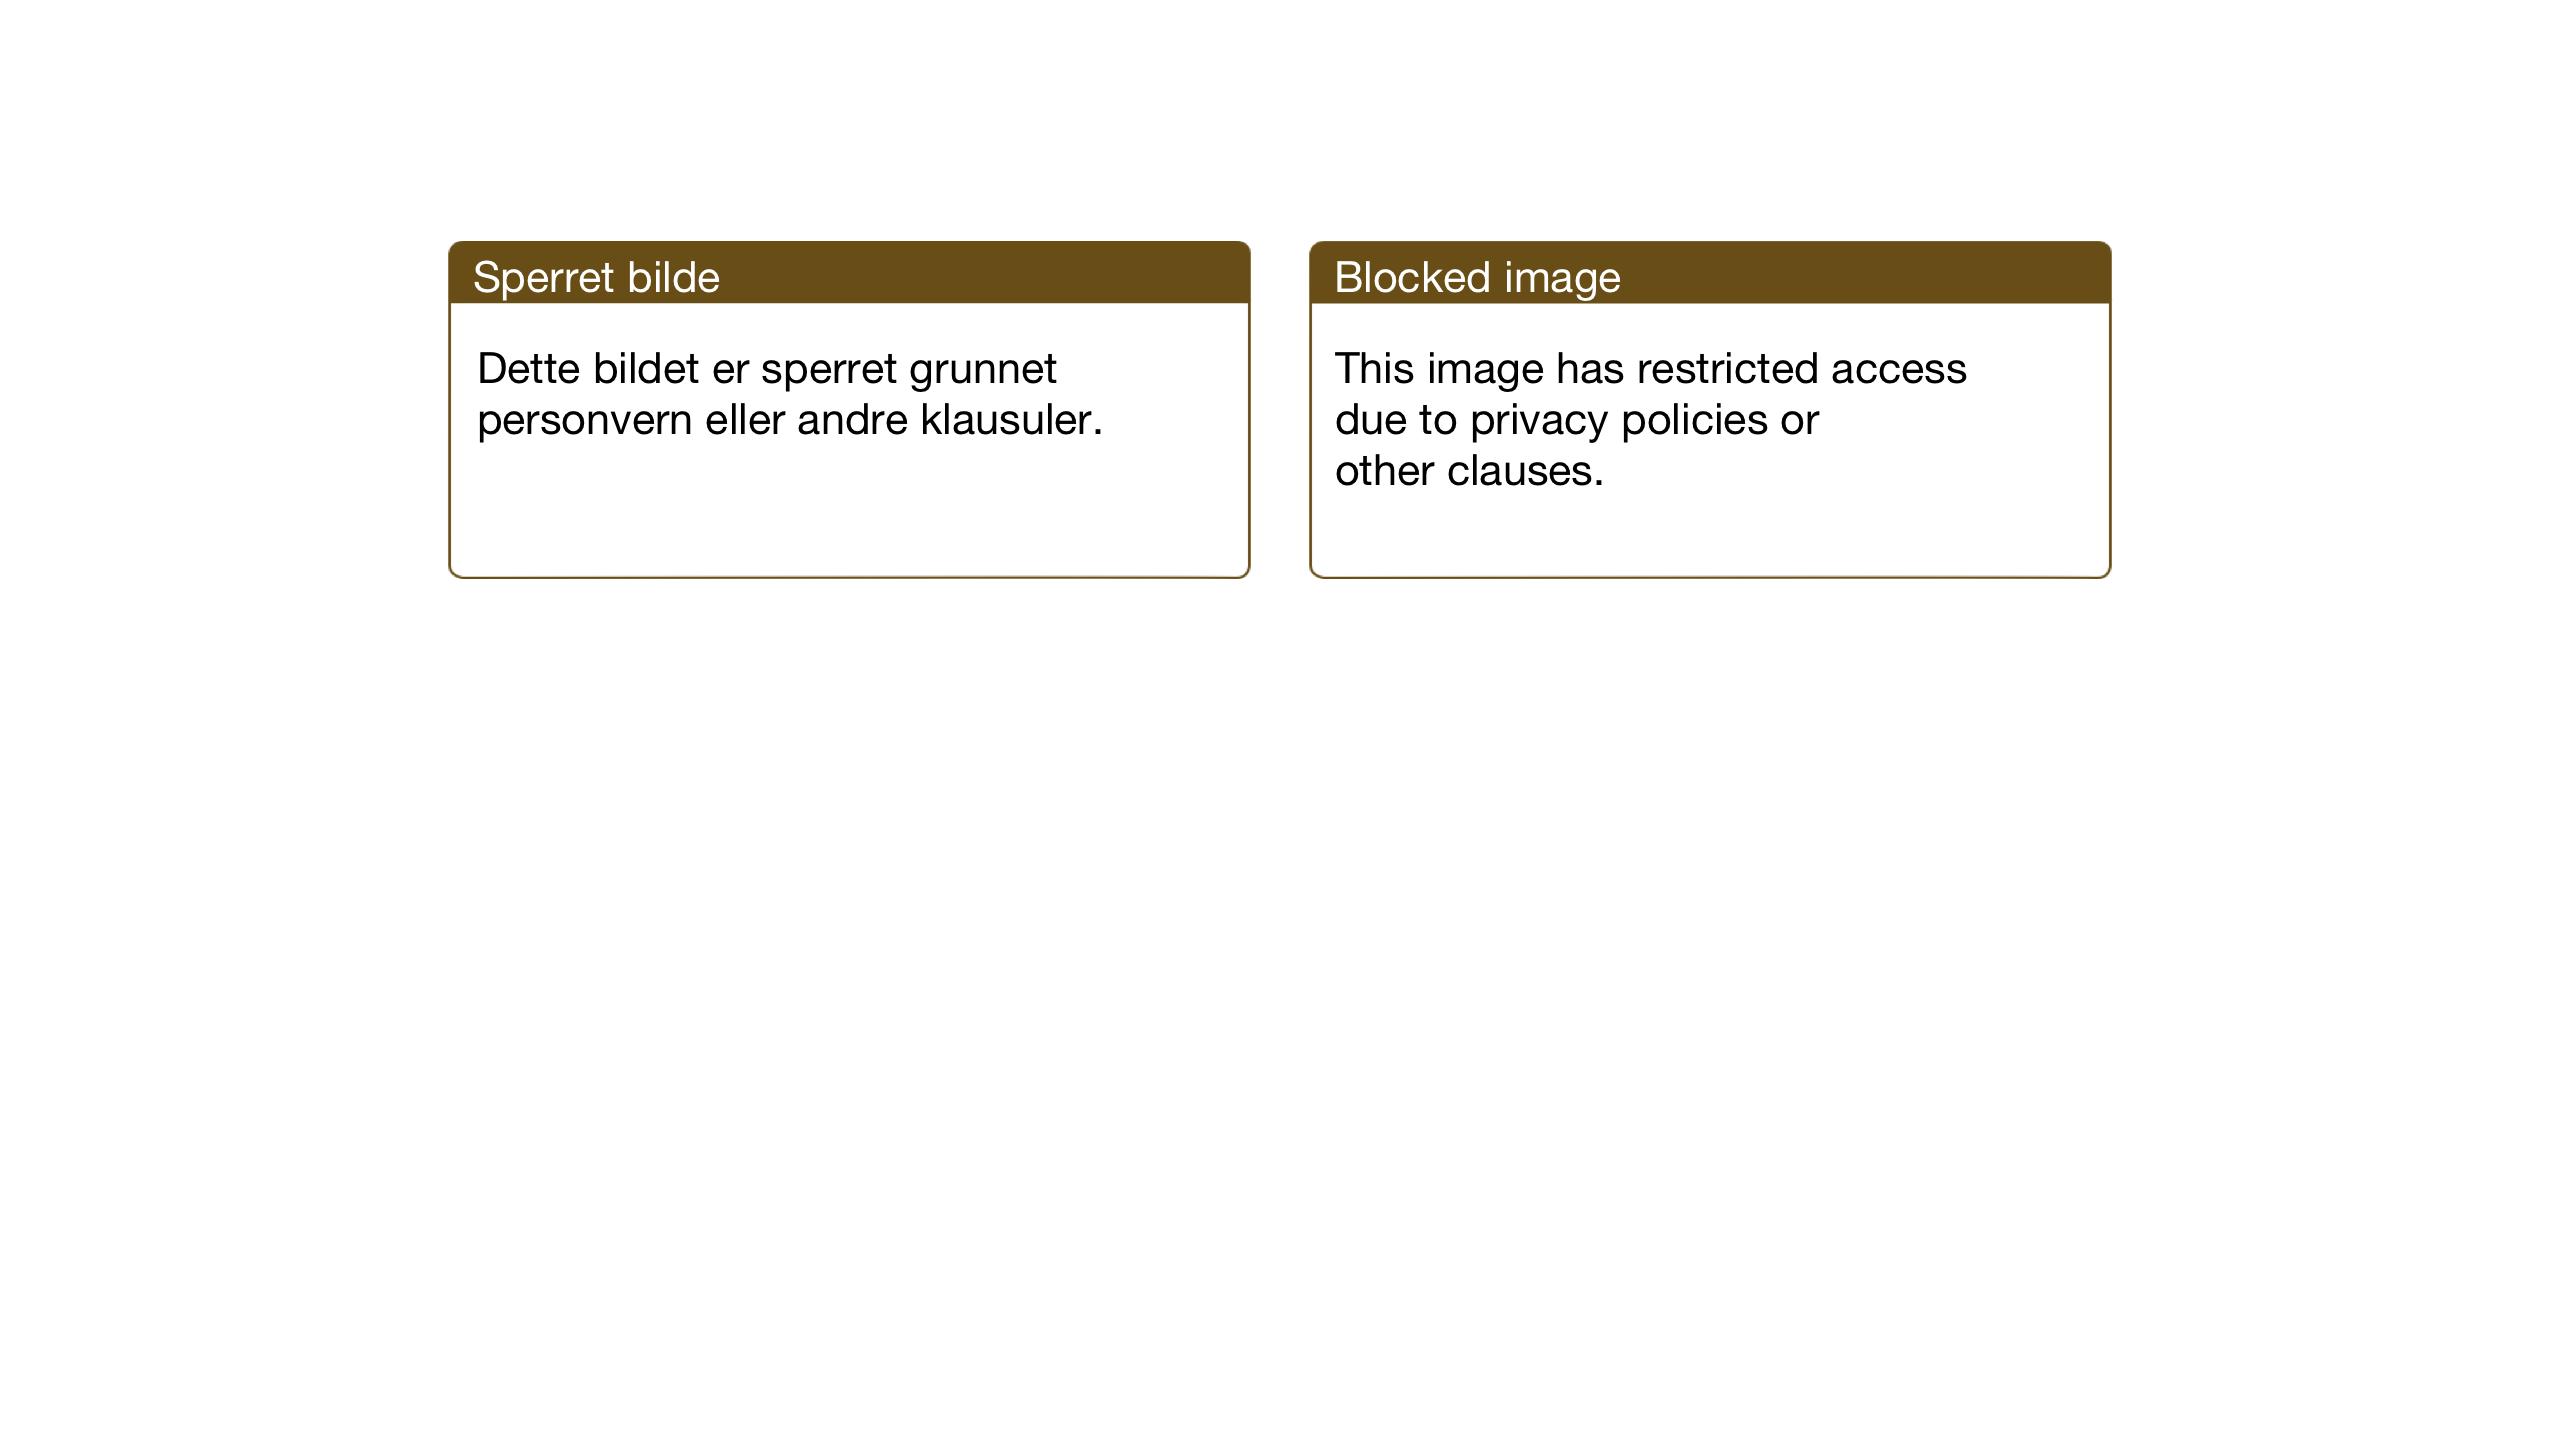 SAT, Ministerialprotokoller, klokkerbøker og fødselsregistre - Sør-Trøndelag, 640/L0590: Klokkerbok nr. 640C07, 1935-1948, s. 214